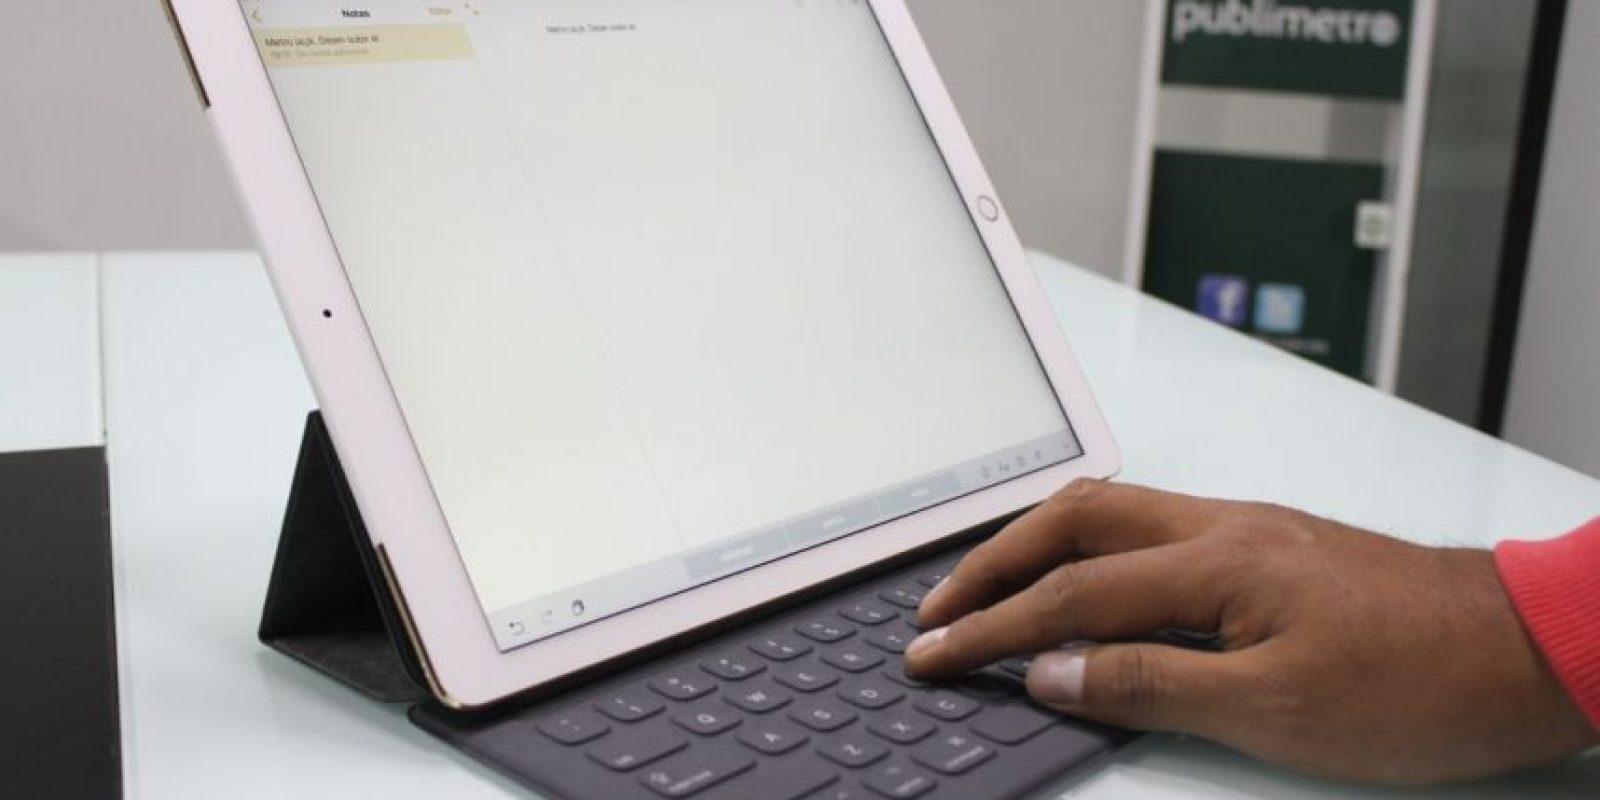 El SmartKeyboard no cuenta con retroiluminación. Foto:Nicolás Corte